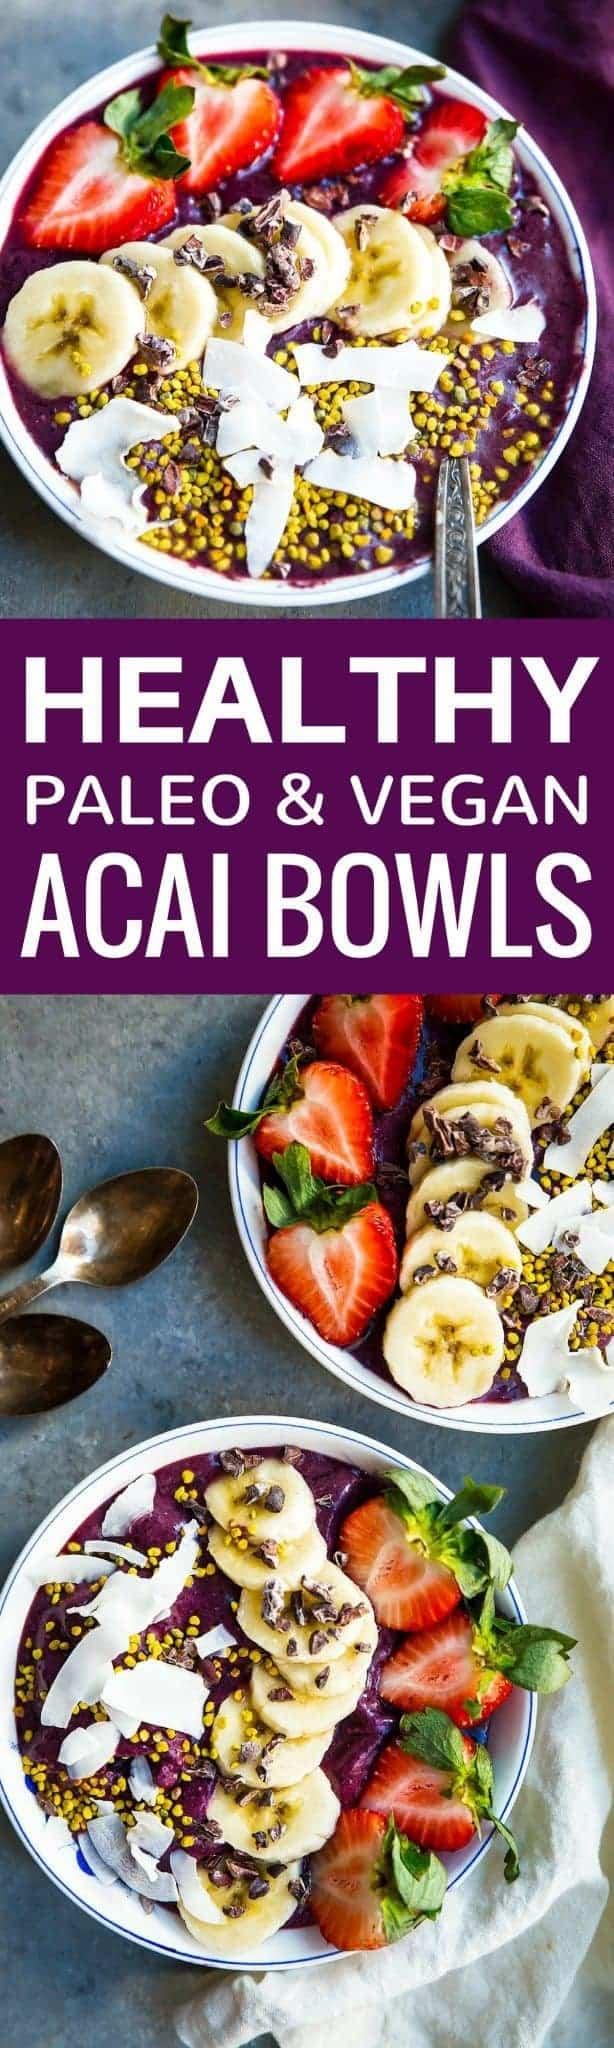 how to make acai bowl recipe